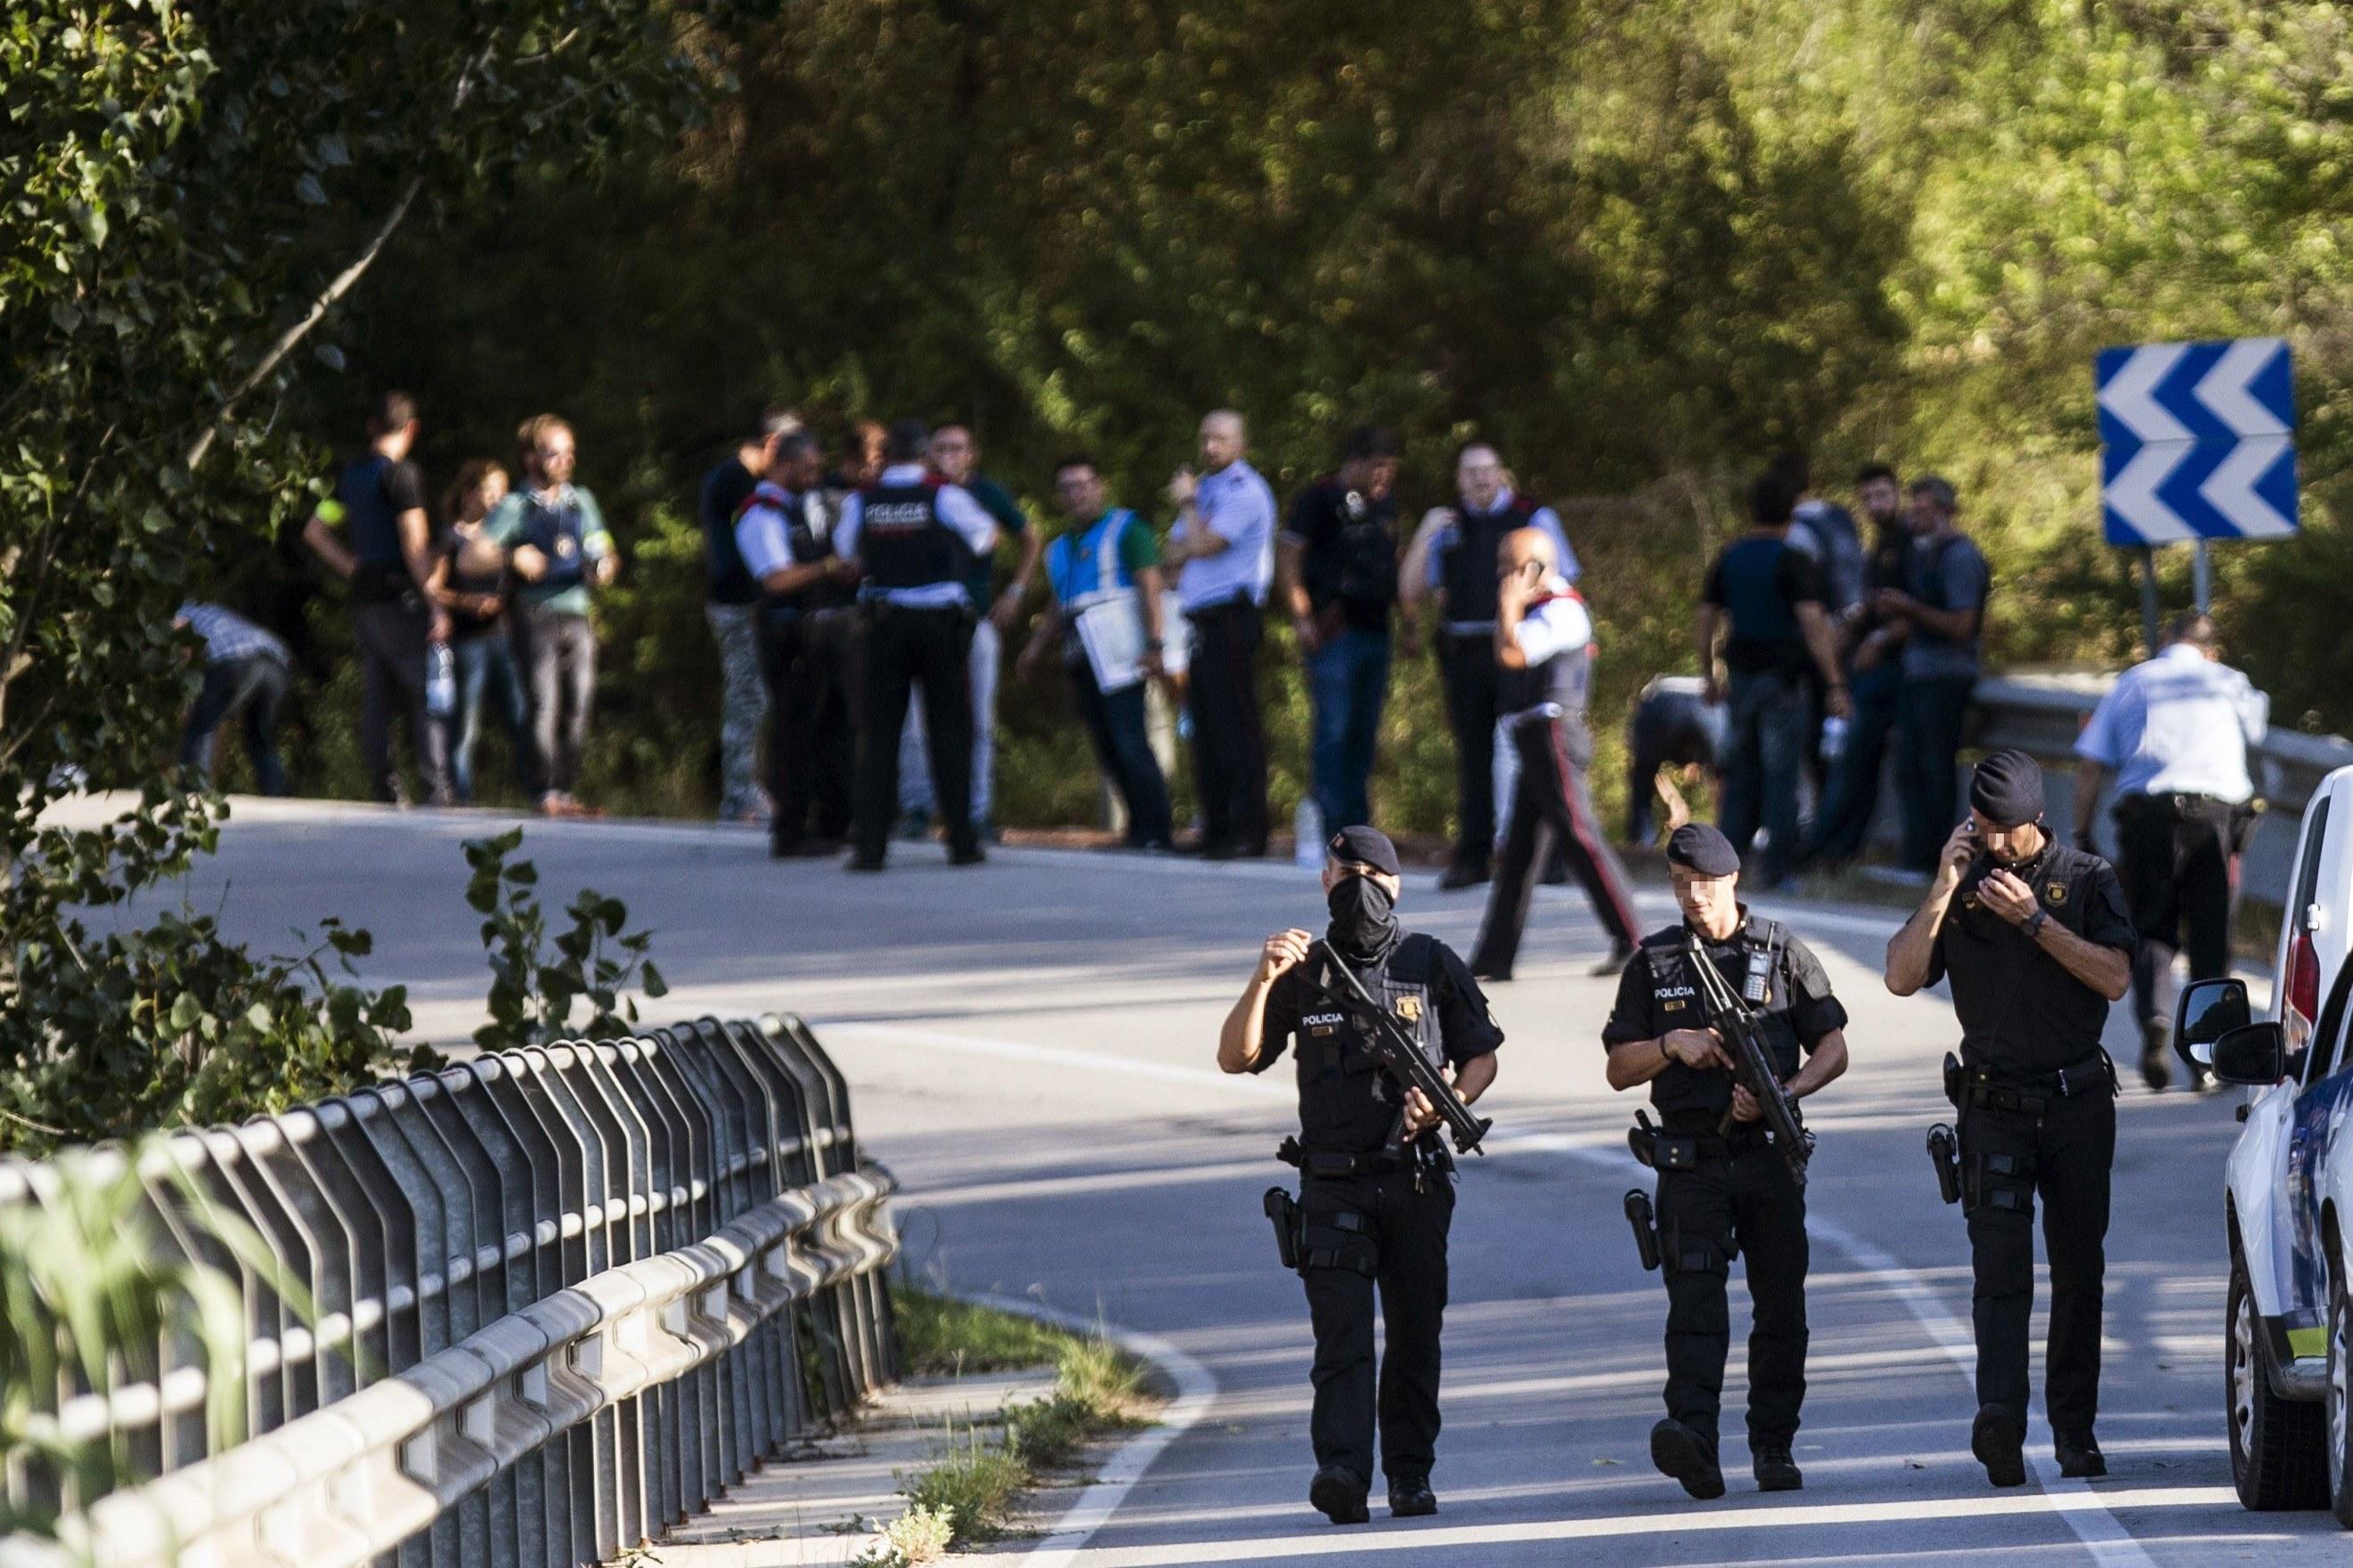 Polícia catalã investiga se terrorista ia acompanhado quando foi abatido